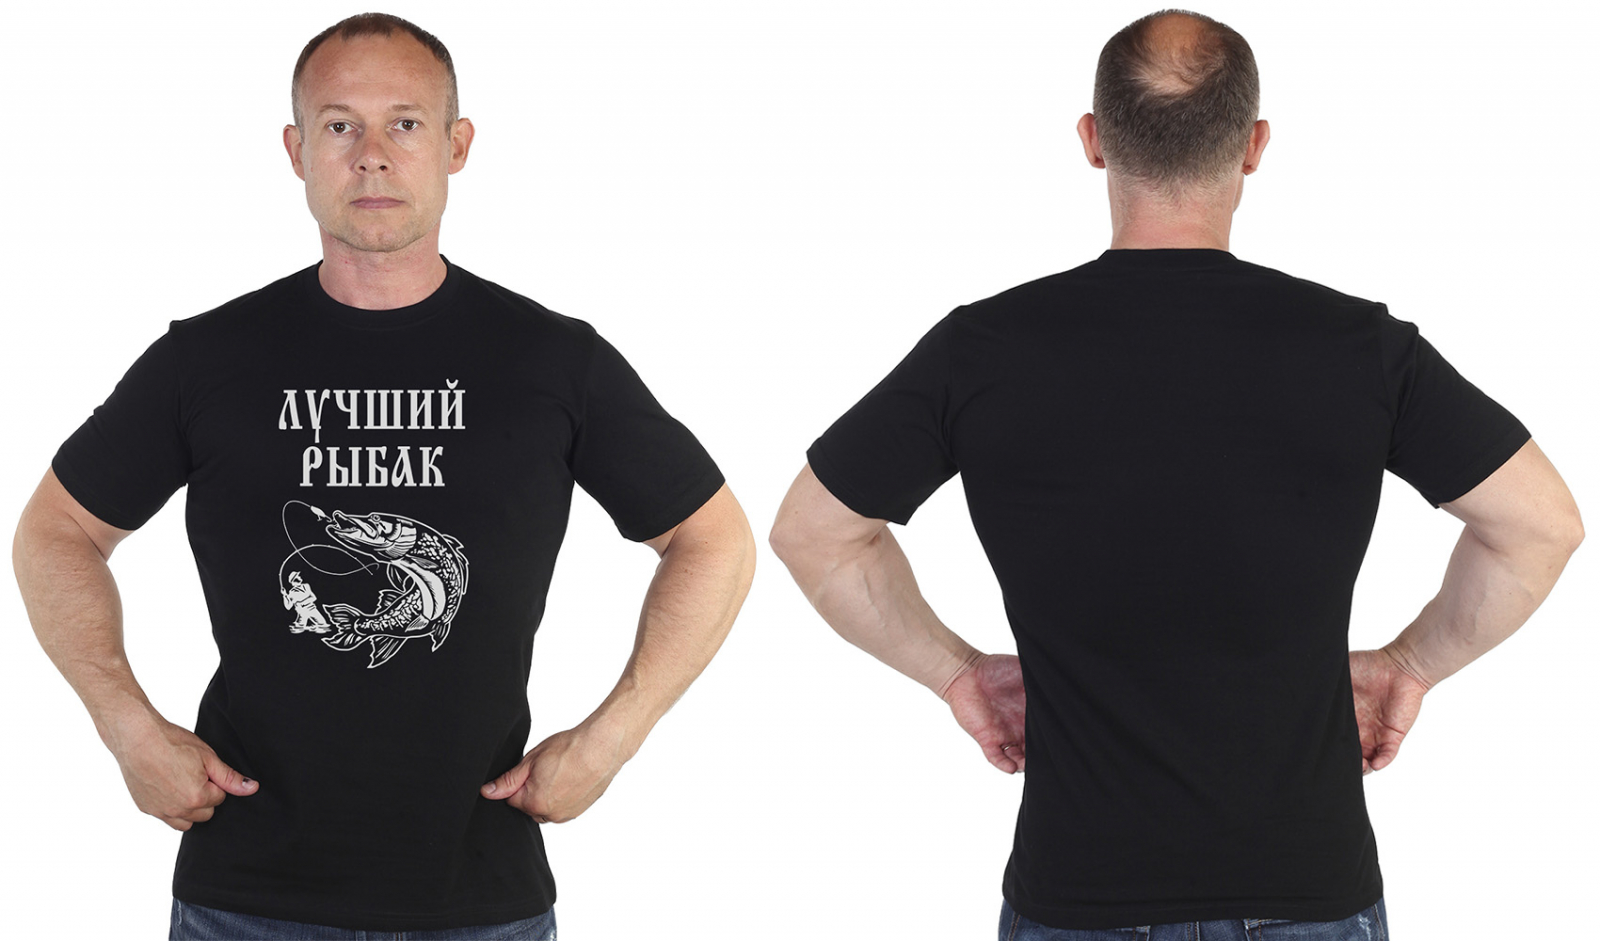 Натуральная мужская футболка Лучший Рыбак